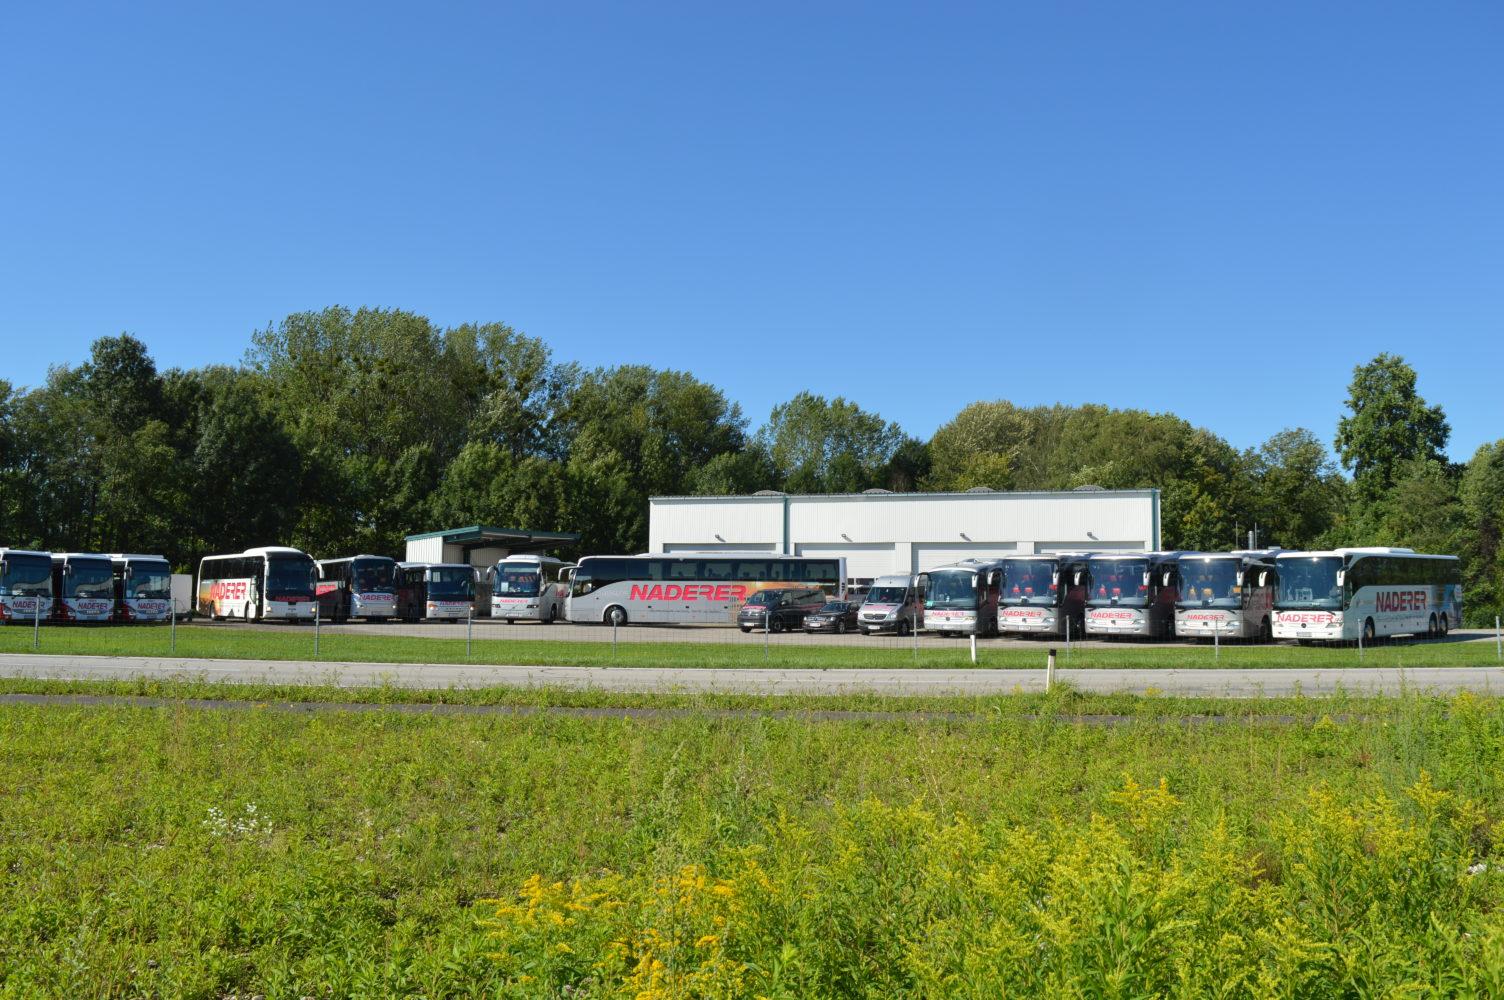 Bus fleet for rent